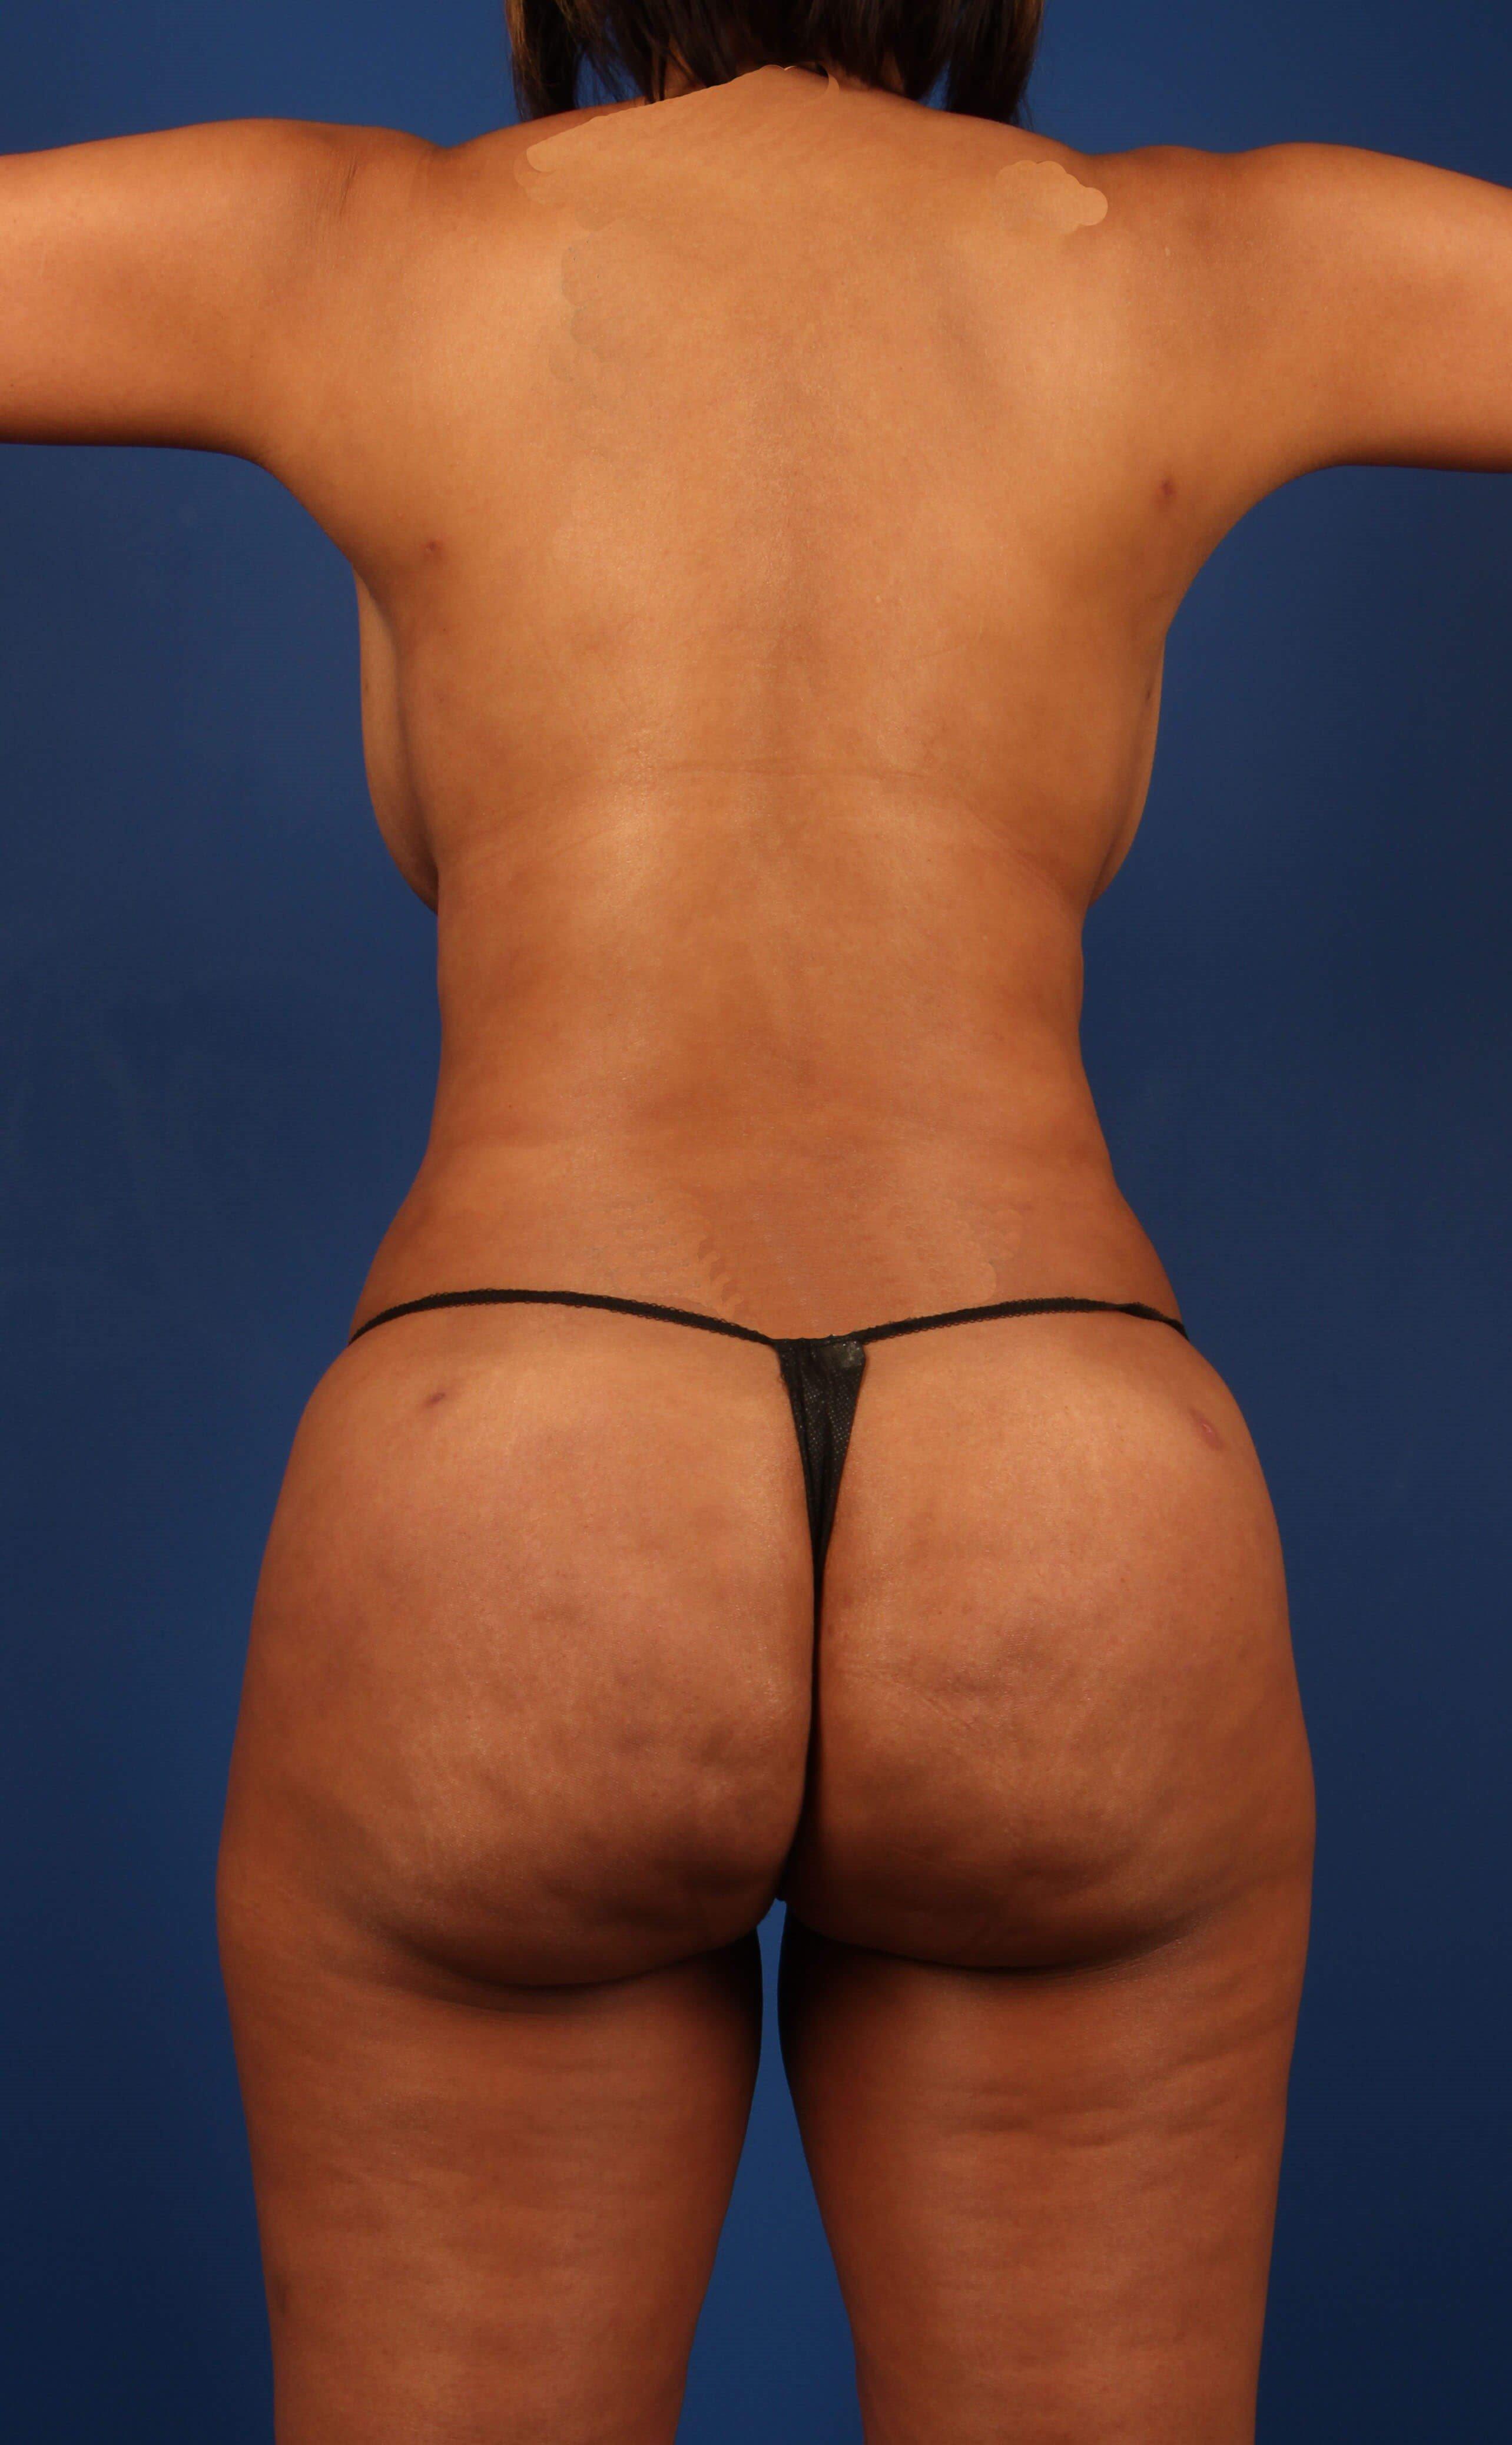 After Brazilian Butt Lift - Scottsdale AZ Butt makeover